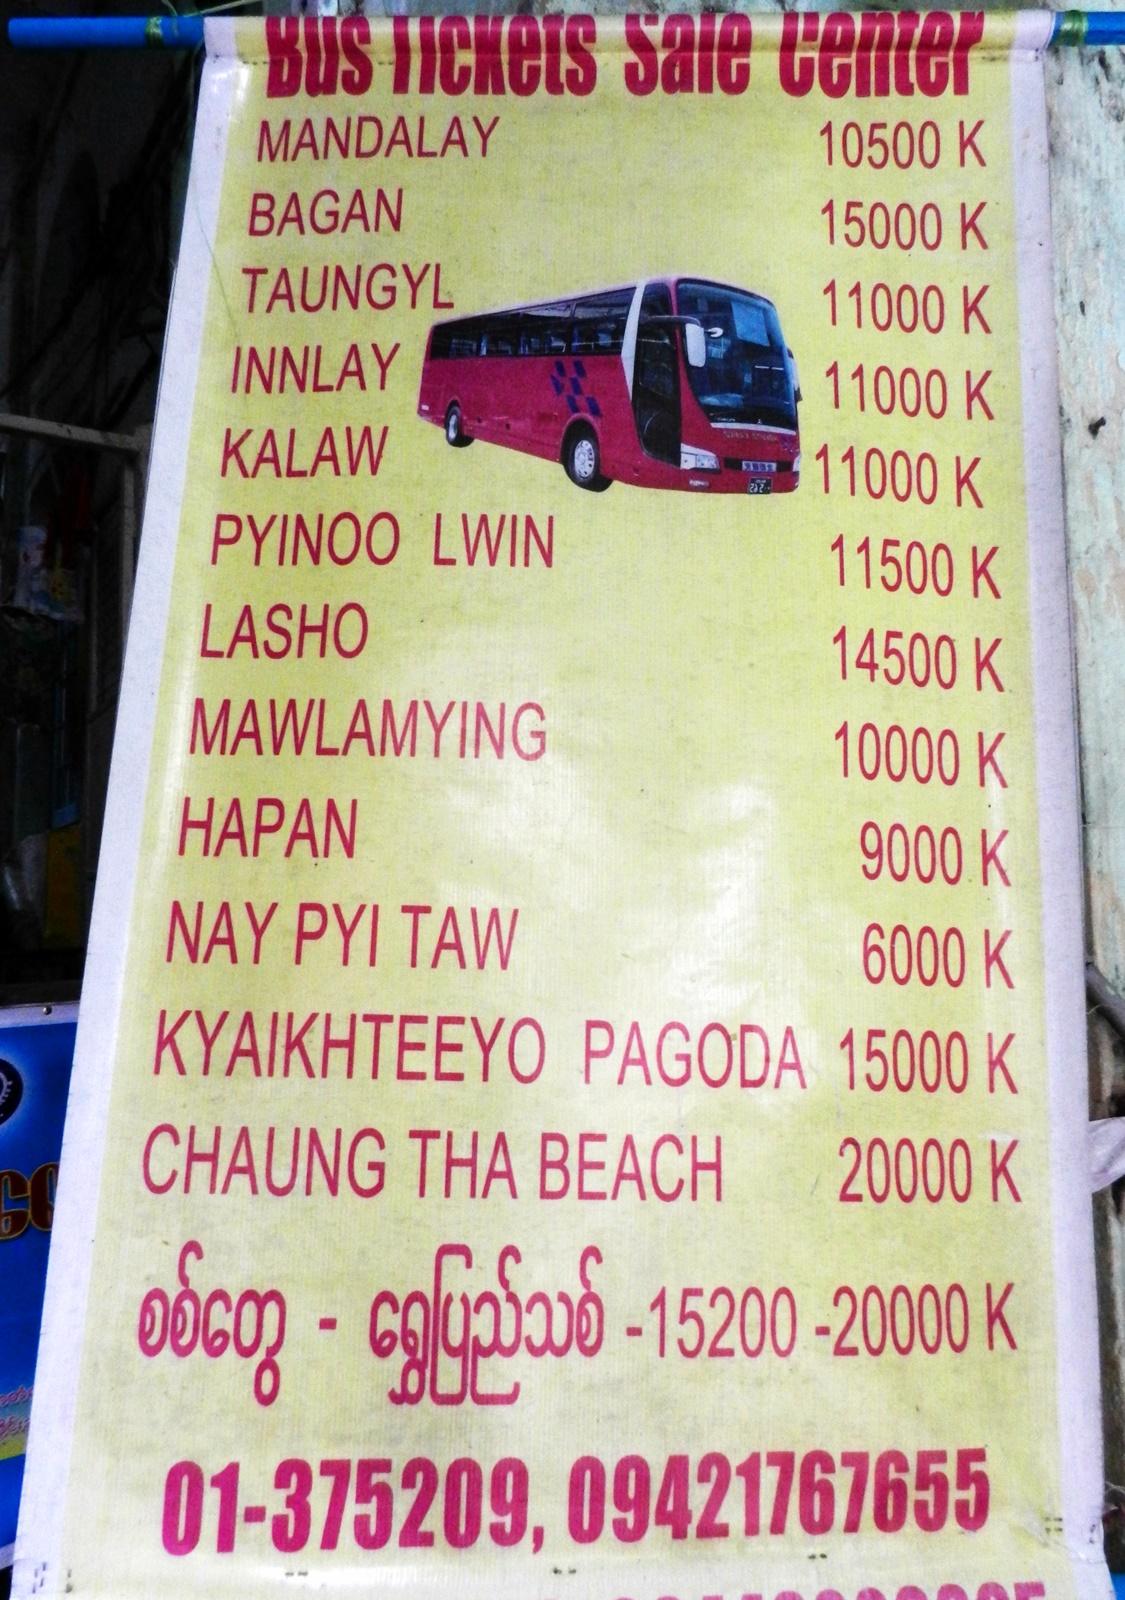 Presupuesto para viajar a Myanmar: precio de buses